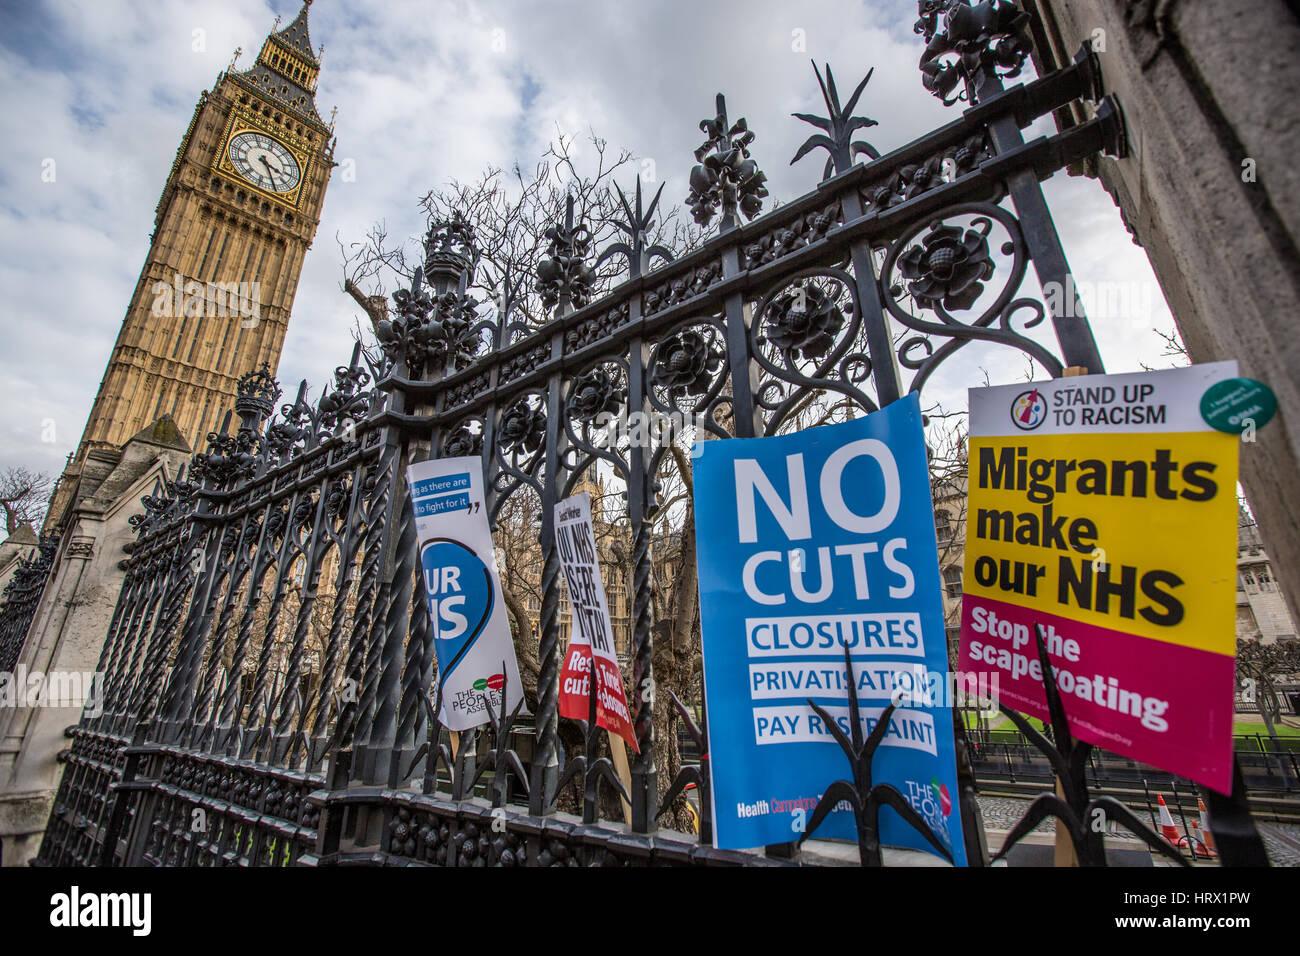 London, UK. 4. März 2017. Plakate links marschierten auf dem Geländer außerhalb des Parlaments nach Tausenden durch Stockfoto